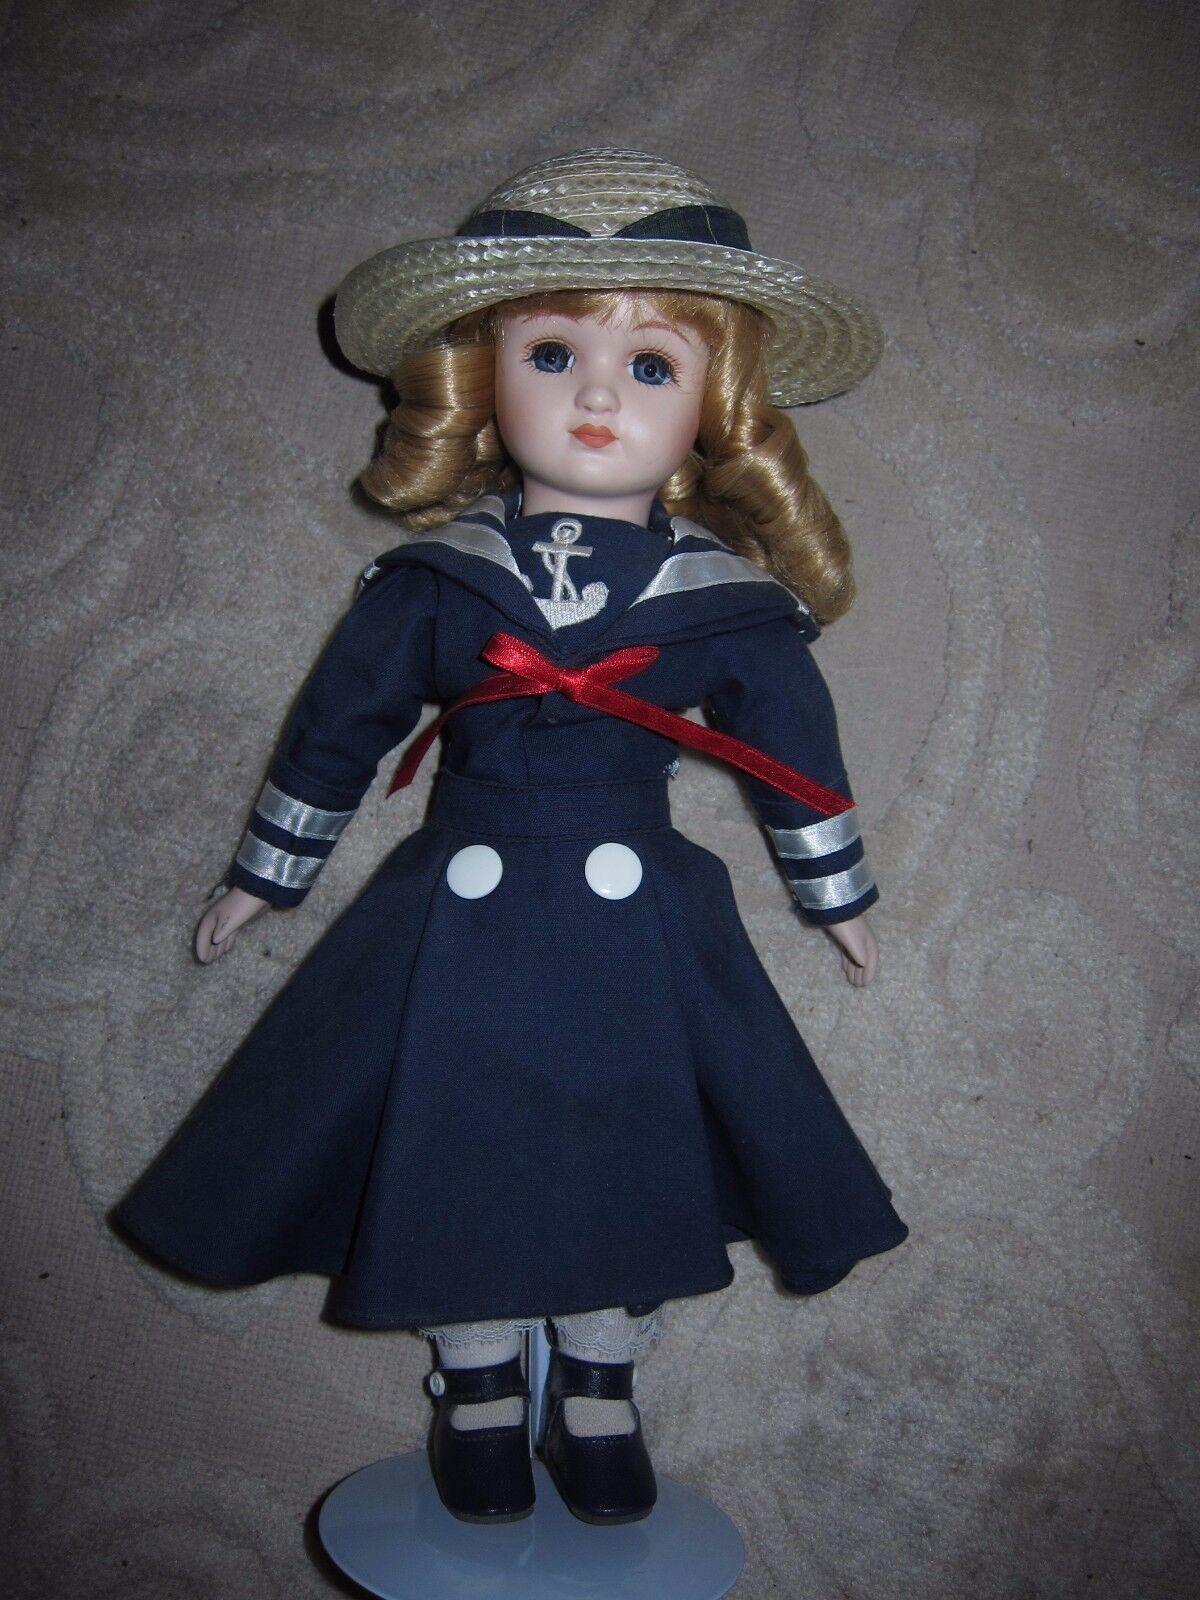 Vintage sailor girl porcelain doll, navy dress anchor straw hat, 14